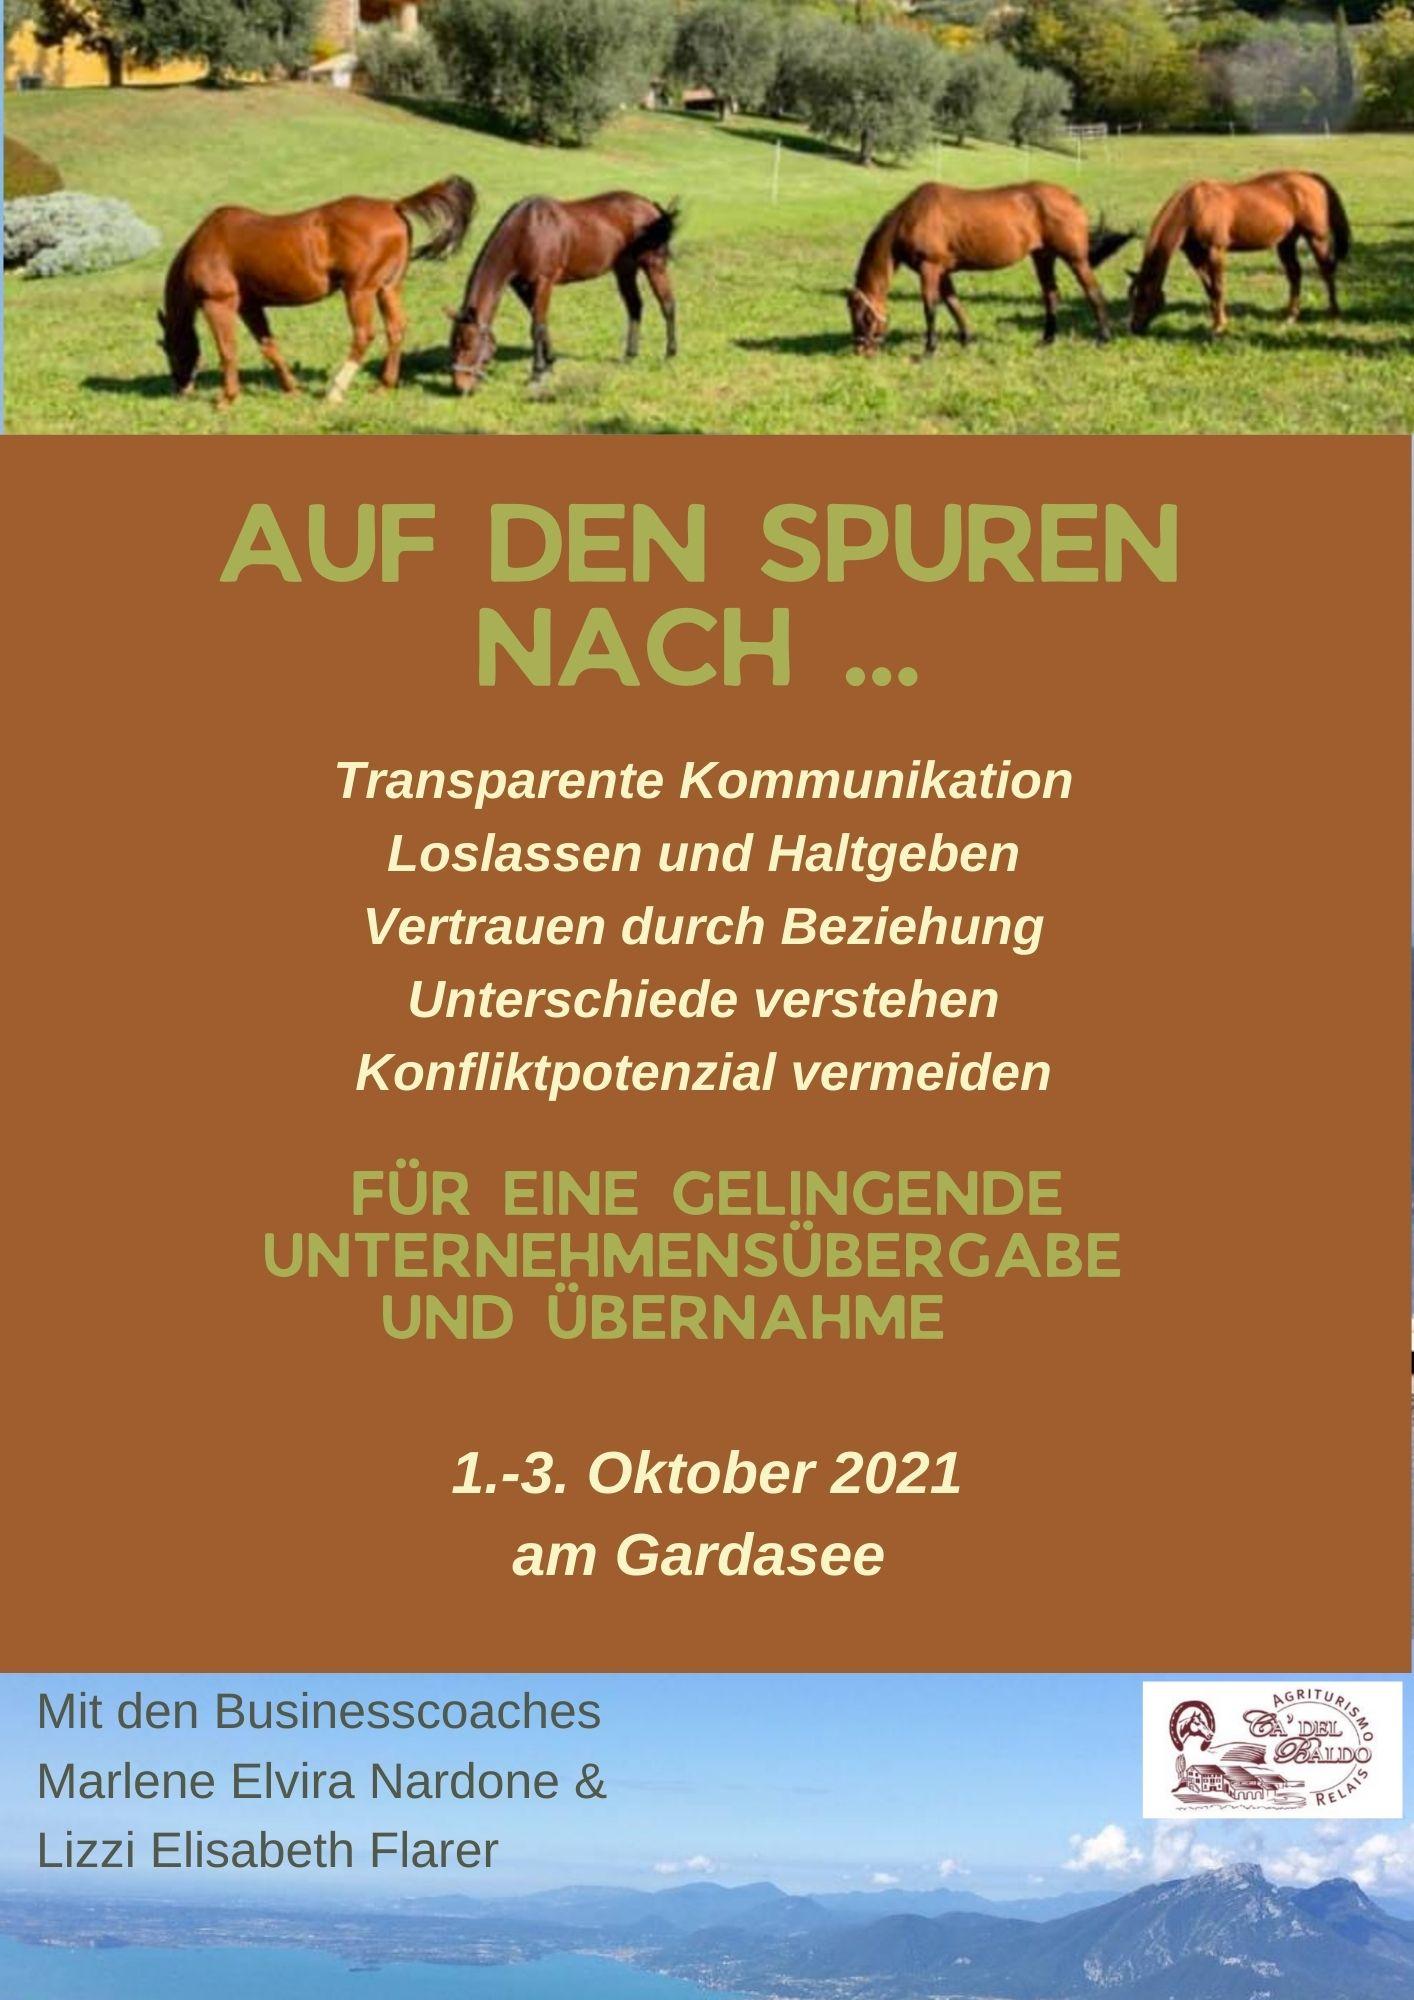 unternehmensnachfolge-gardasee-seminar-lizziflarer